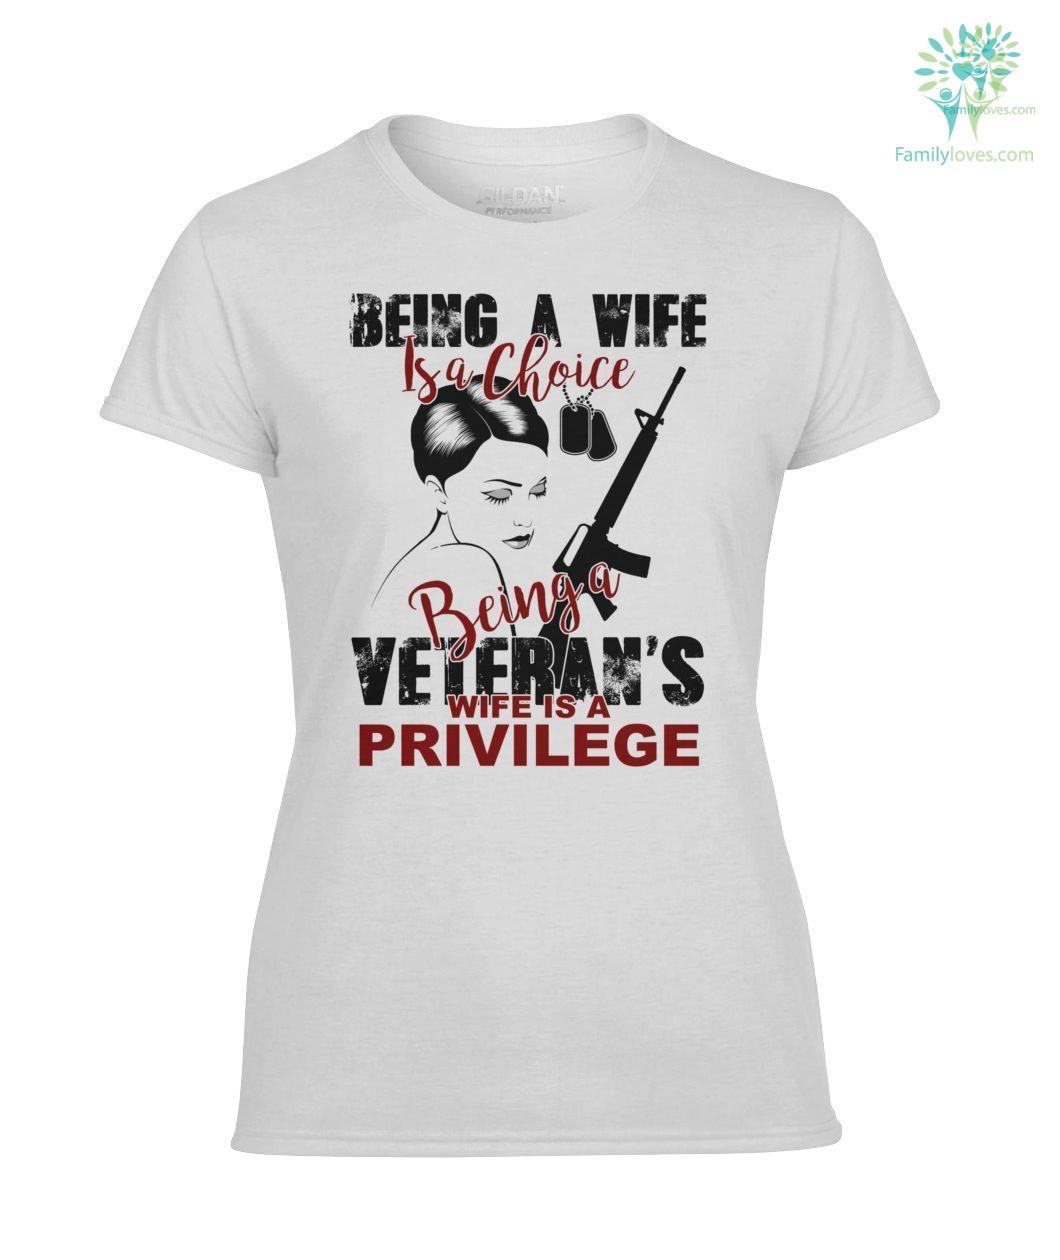 being-a-wife_db8ae4e8-f5f9-bc0d-1ea8-b6a8995496af Being a wife is a choice being a veteran's wife is a privilege women t-shirt, hoodie  %tag